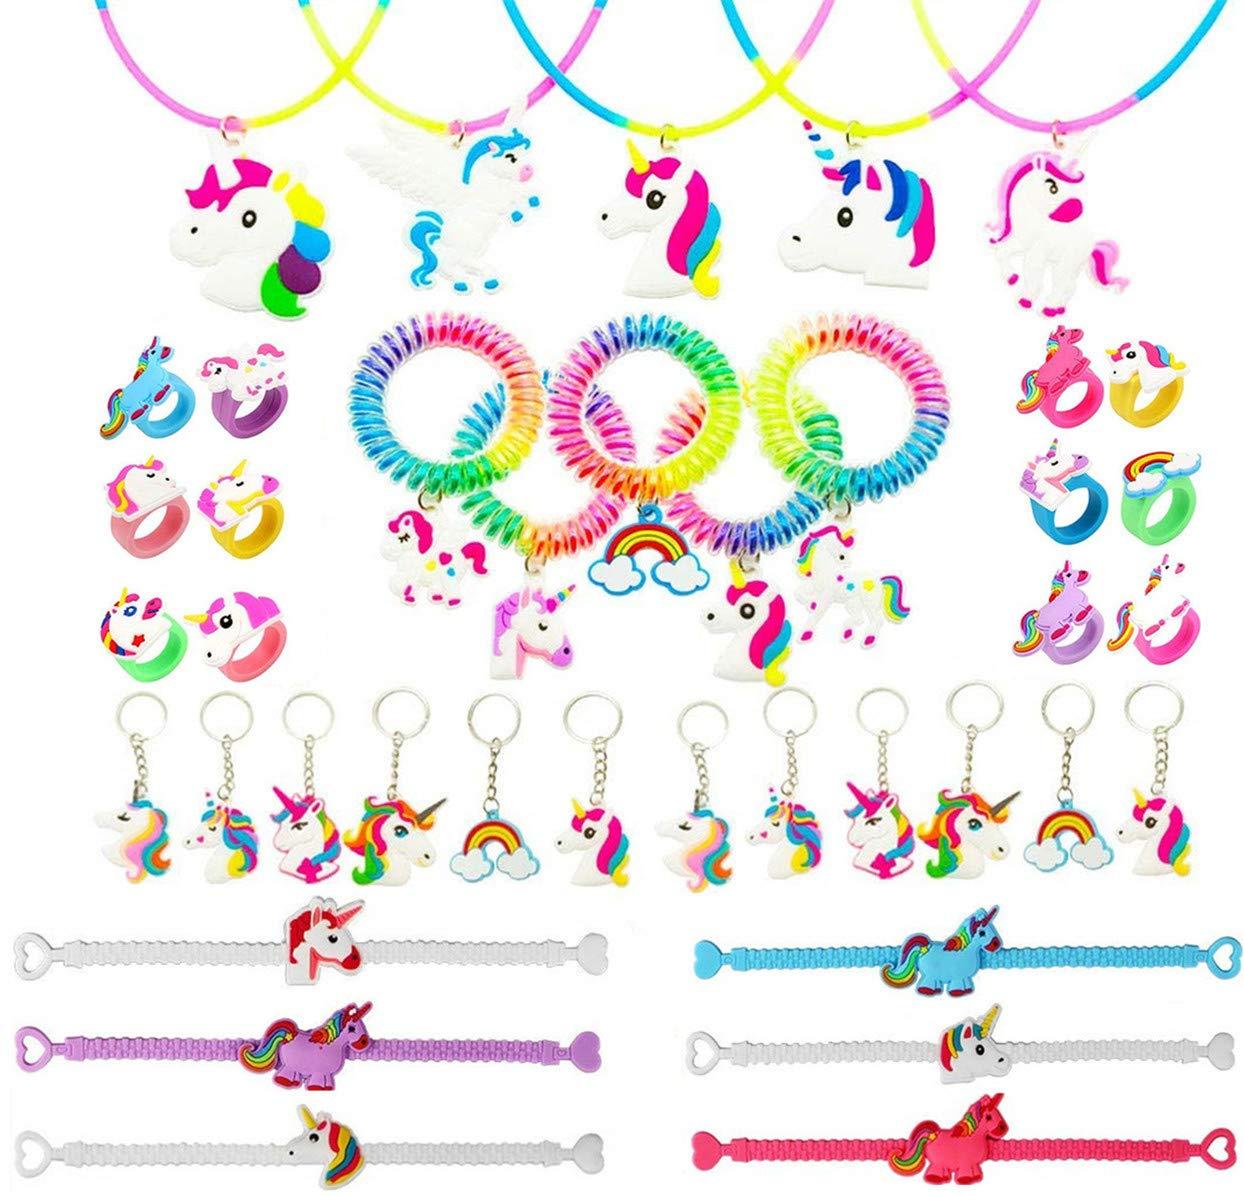 montar una fiesta de cumpleaños de unicornios